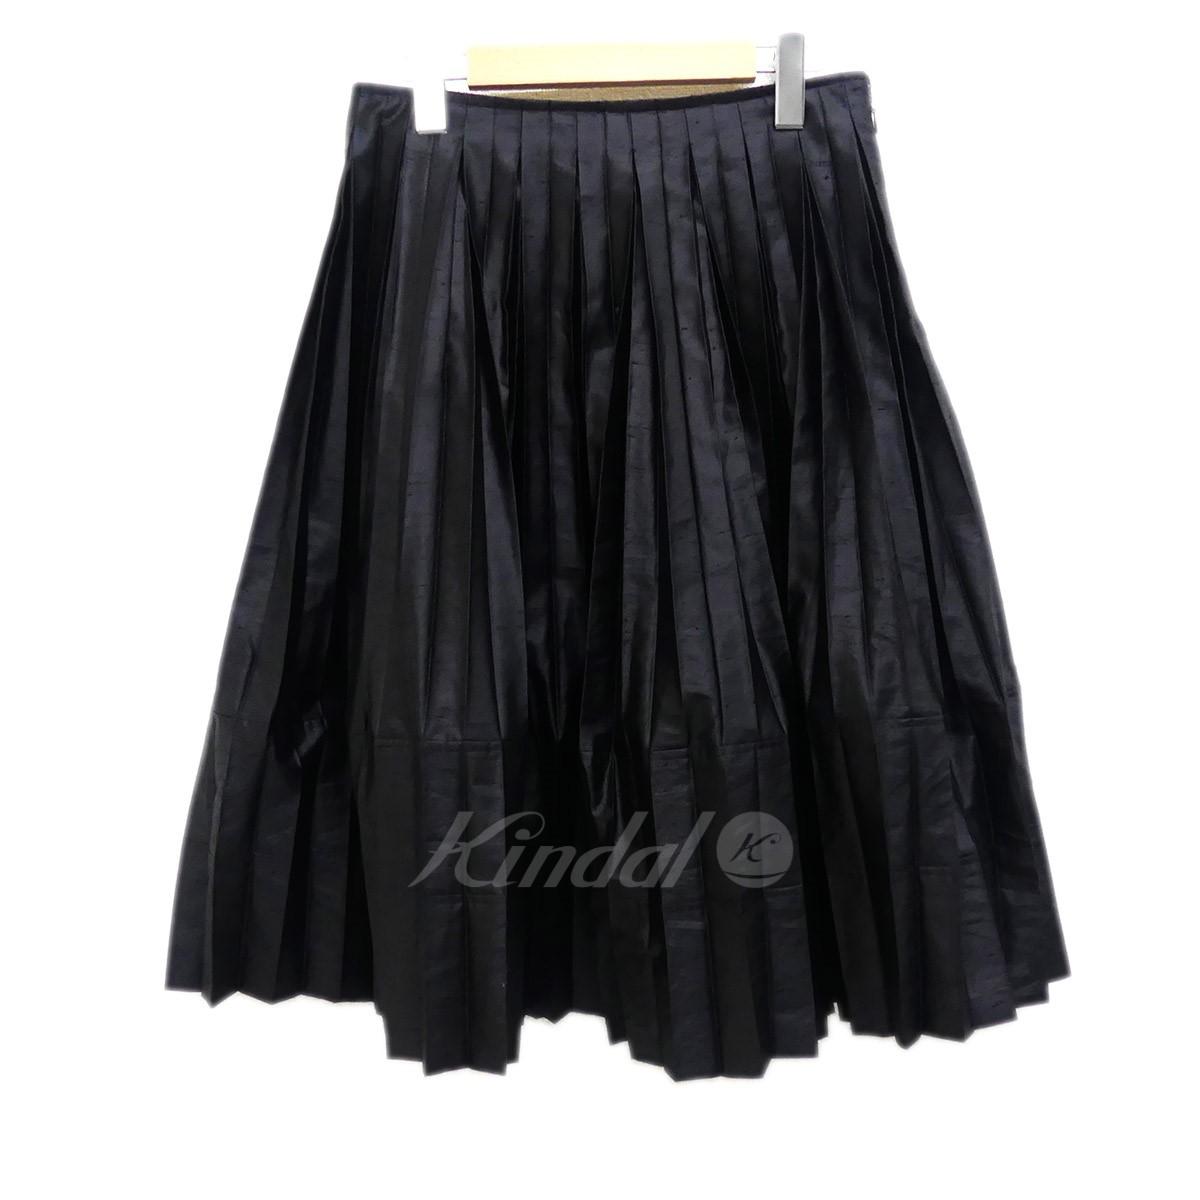 【中古】JUNYA WATANABE CdG 2018S/S プリーツスカート ブラック サイズ:M 【240519】(ジュンヤワタナベコムデギャルソン)